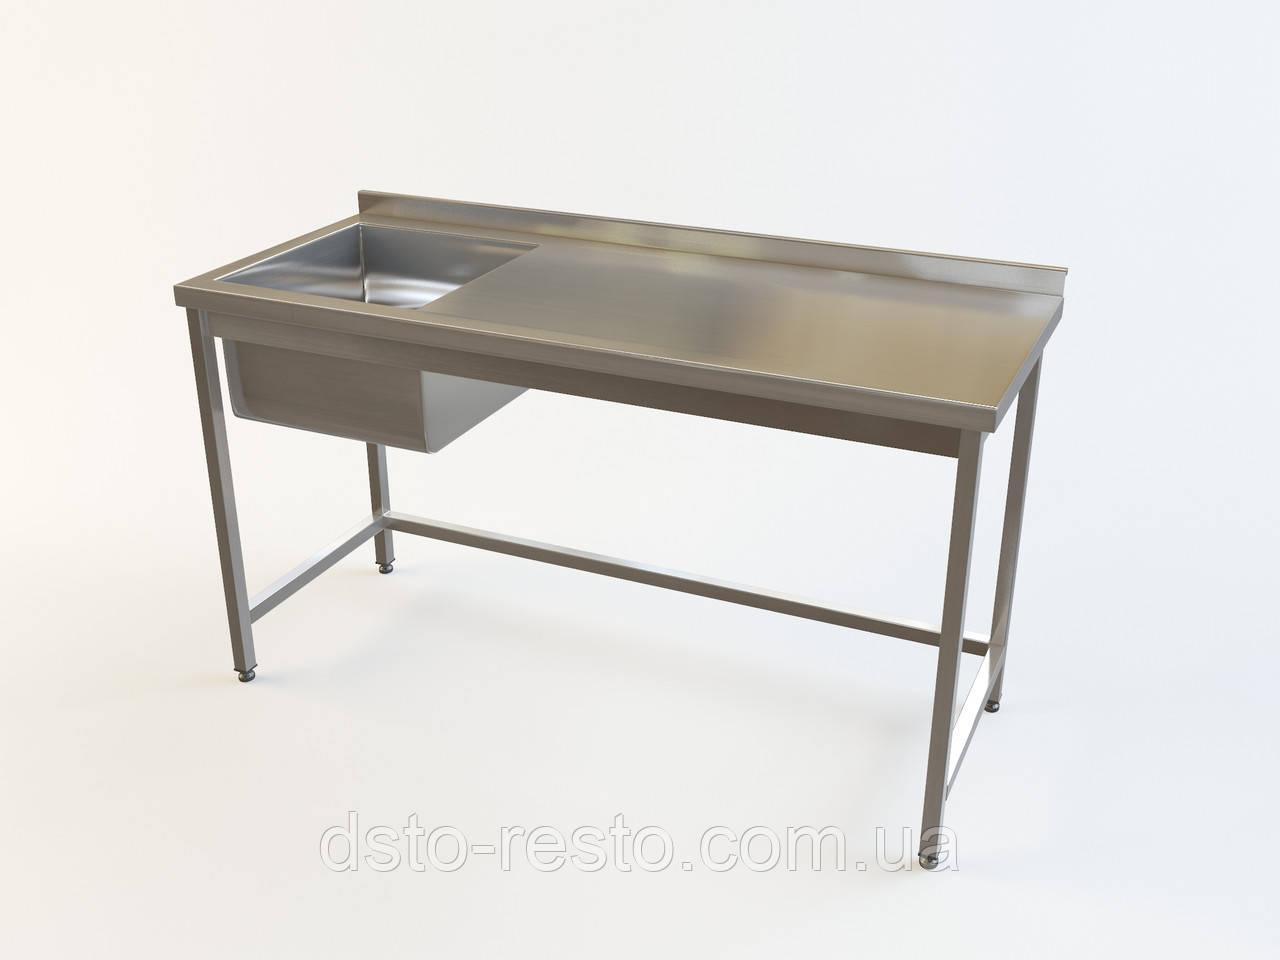 Стіл з мийкою виробничий 900/500/850 мм